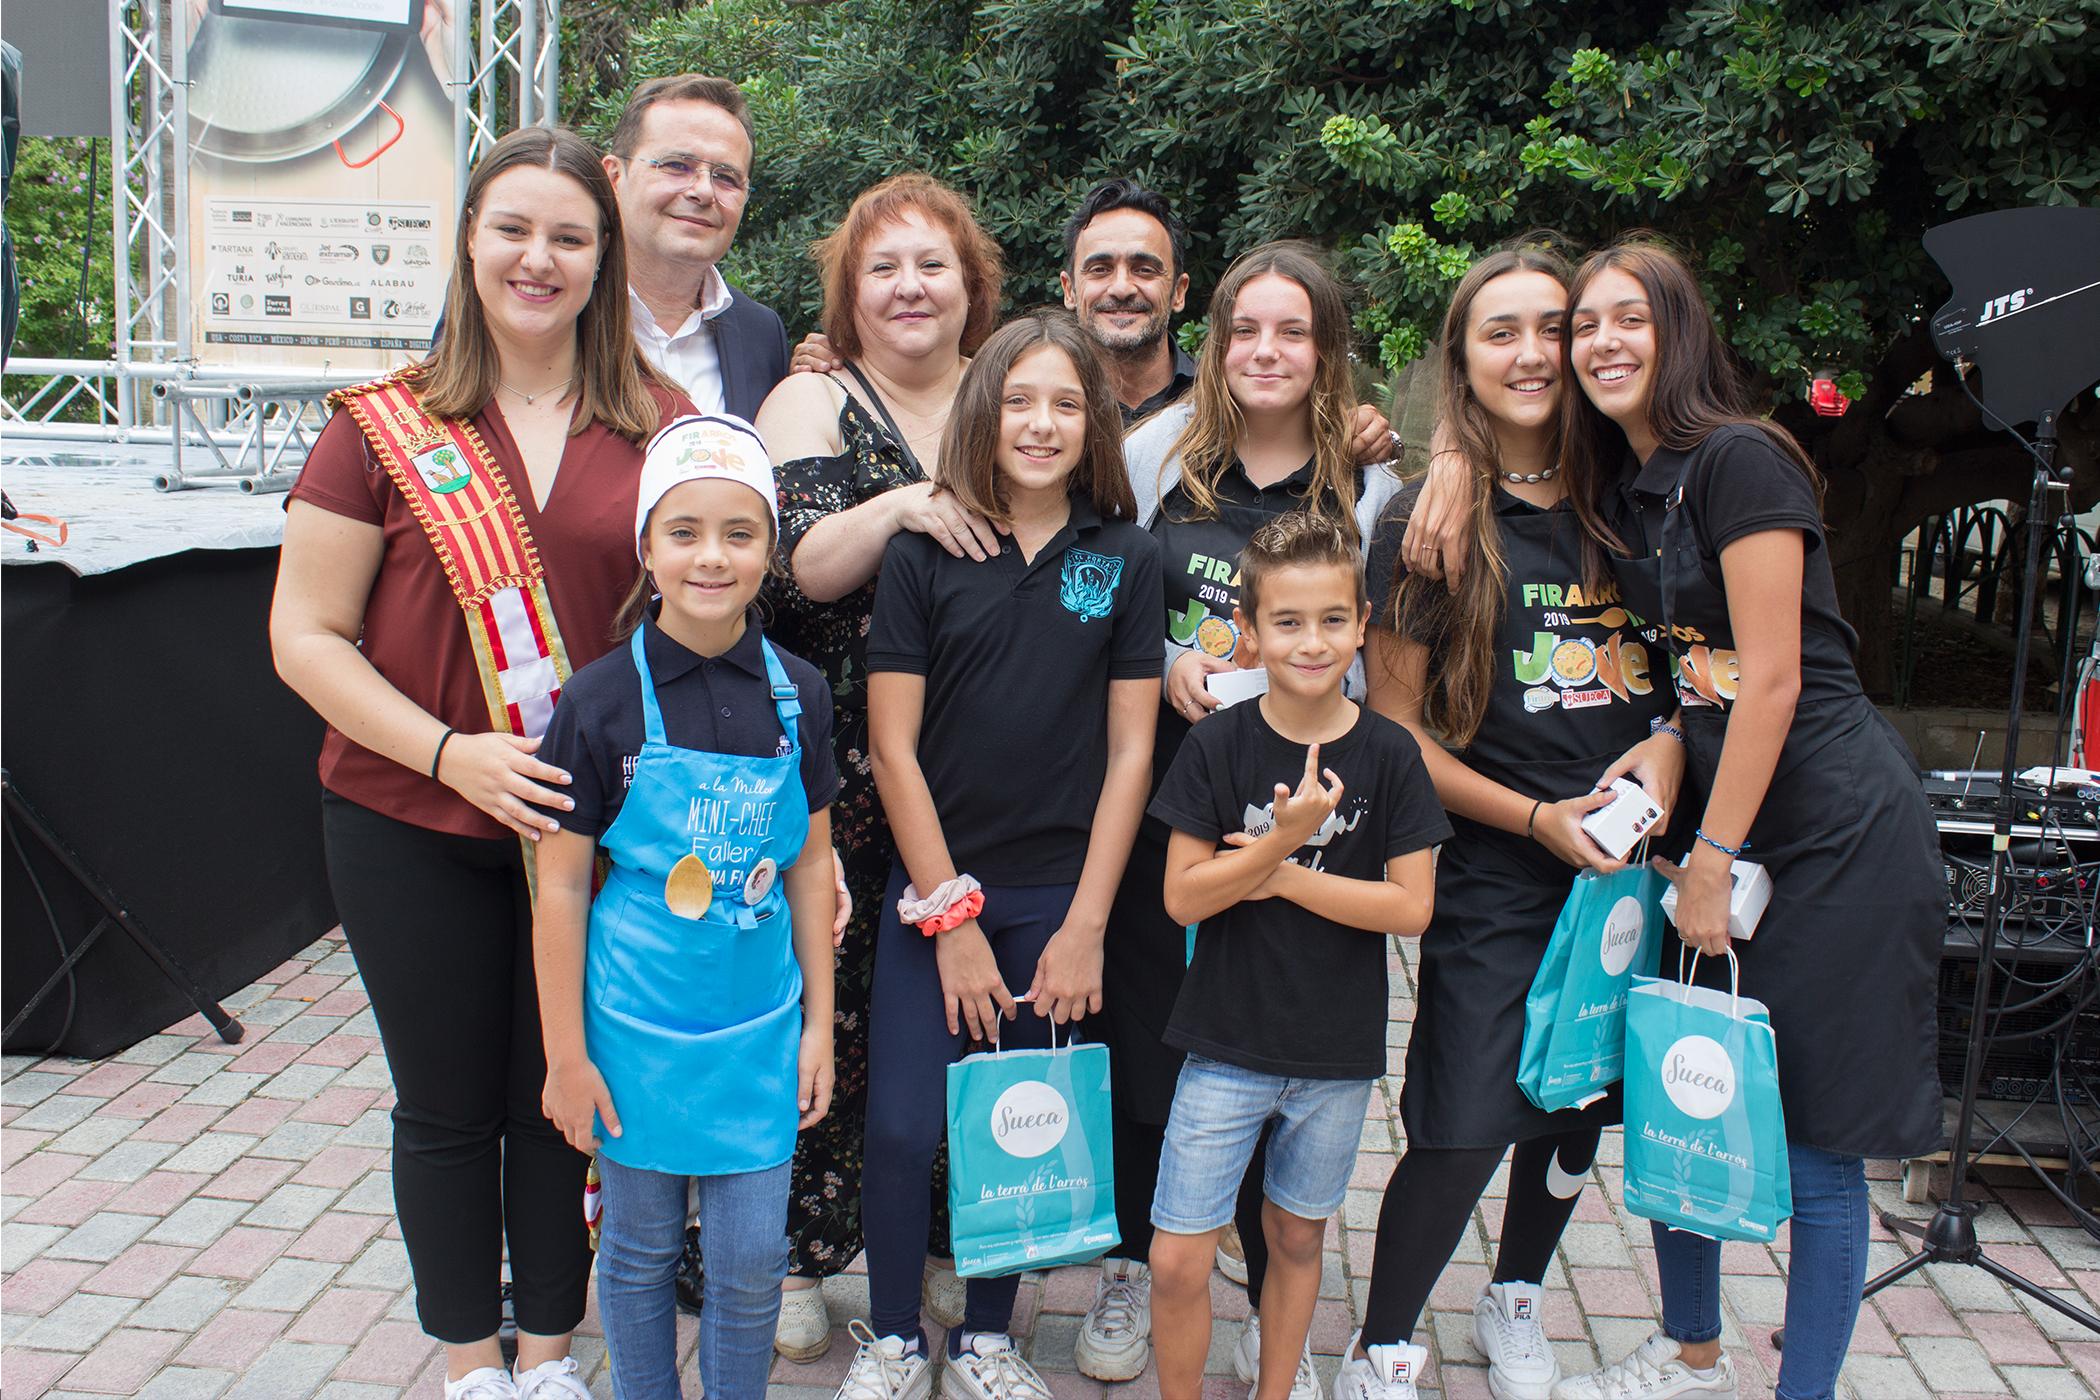 Arranca Firarròs 2019 en Sueca y el Concurso Firarròs jove